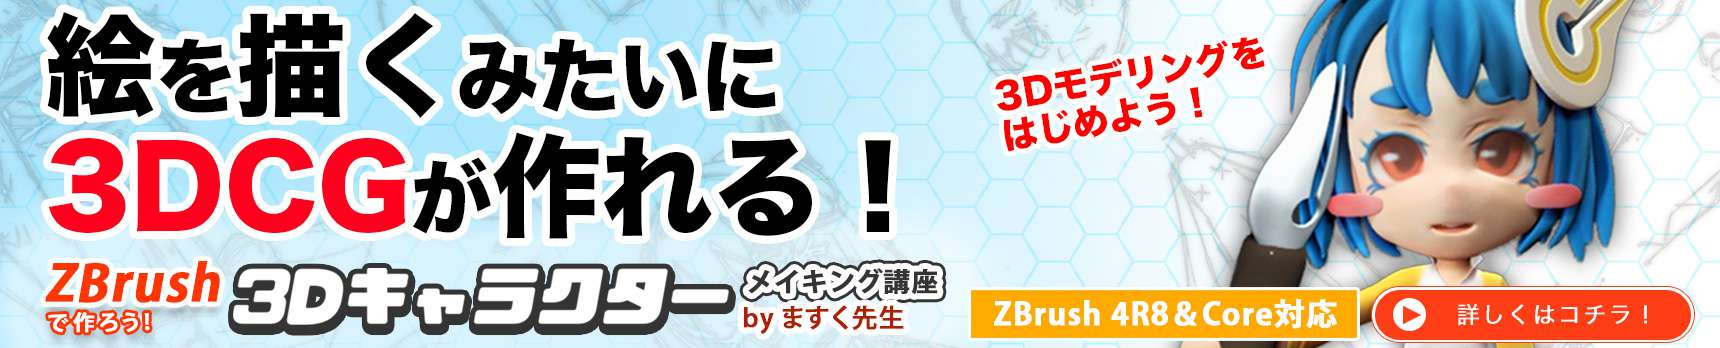 Sakamoto banner pc4